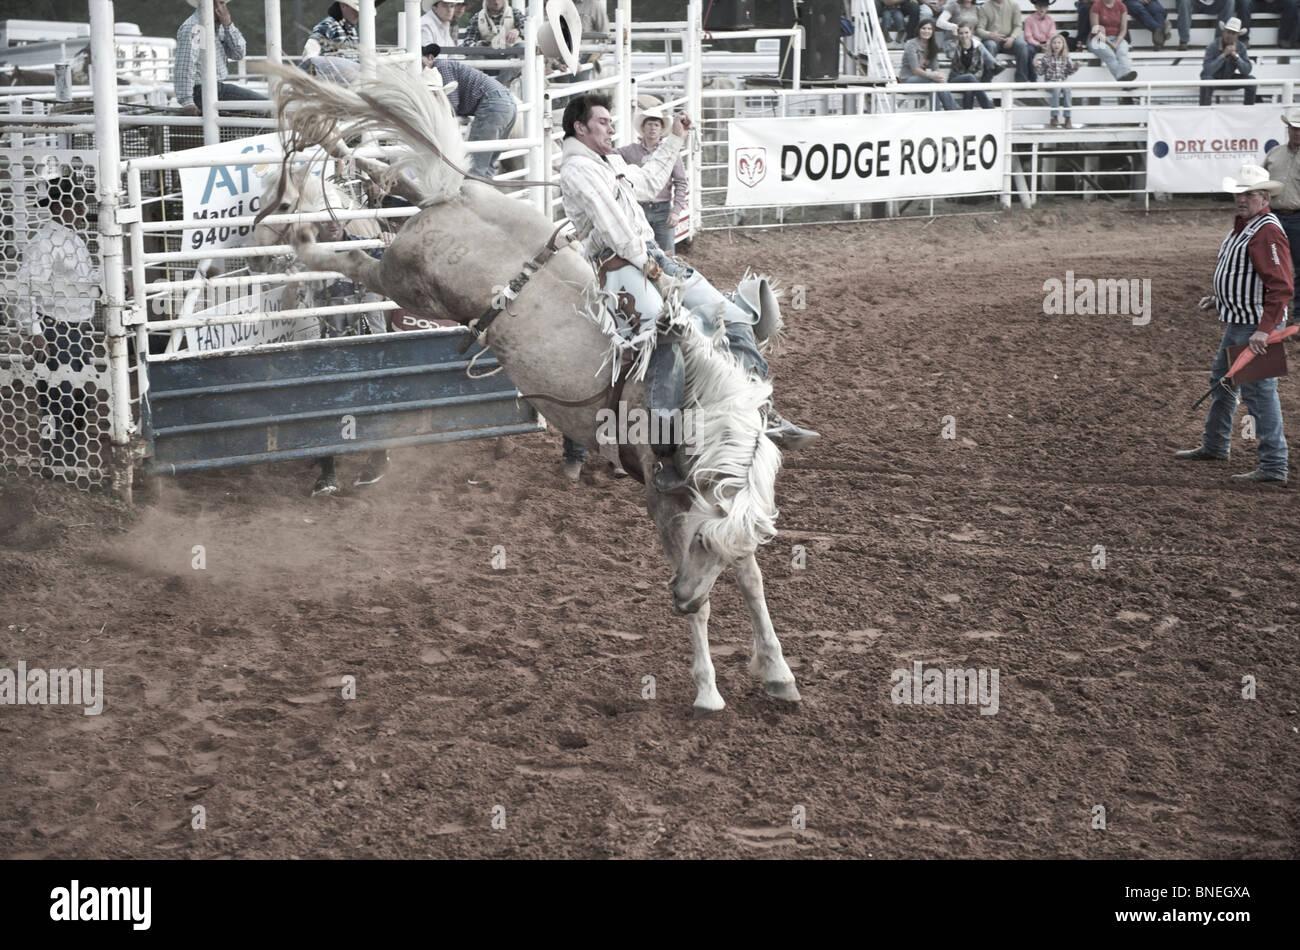 Rodeo Cowboy membre de l'érythroblastopénie essayant d'équilibrer lui-même sur le cheval à Petite-ville Bridgeport, Texas, États-Unis Banque D'Images